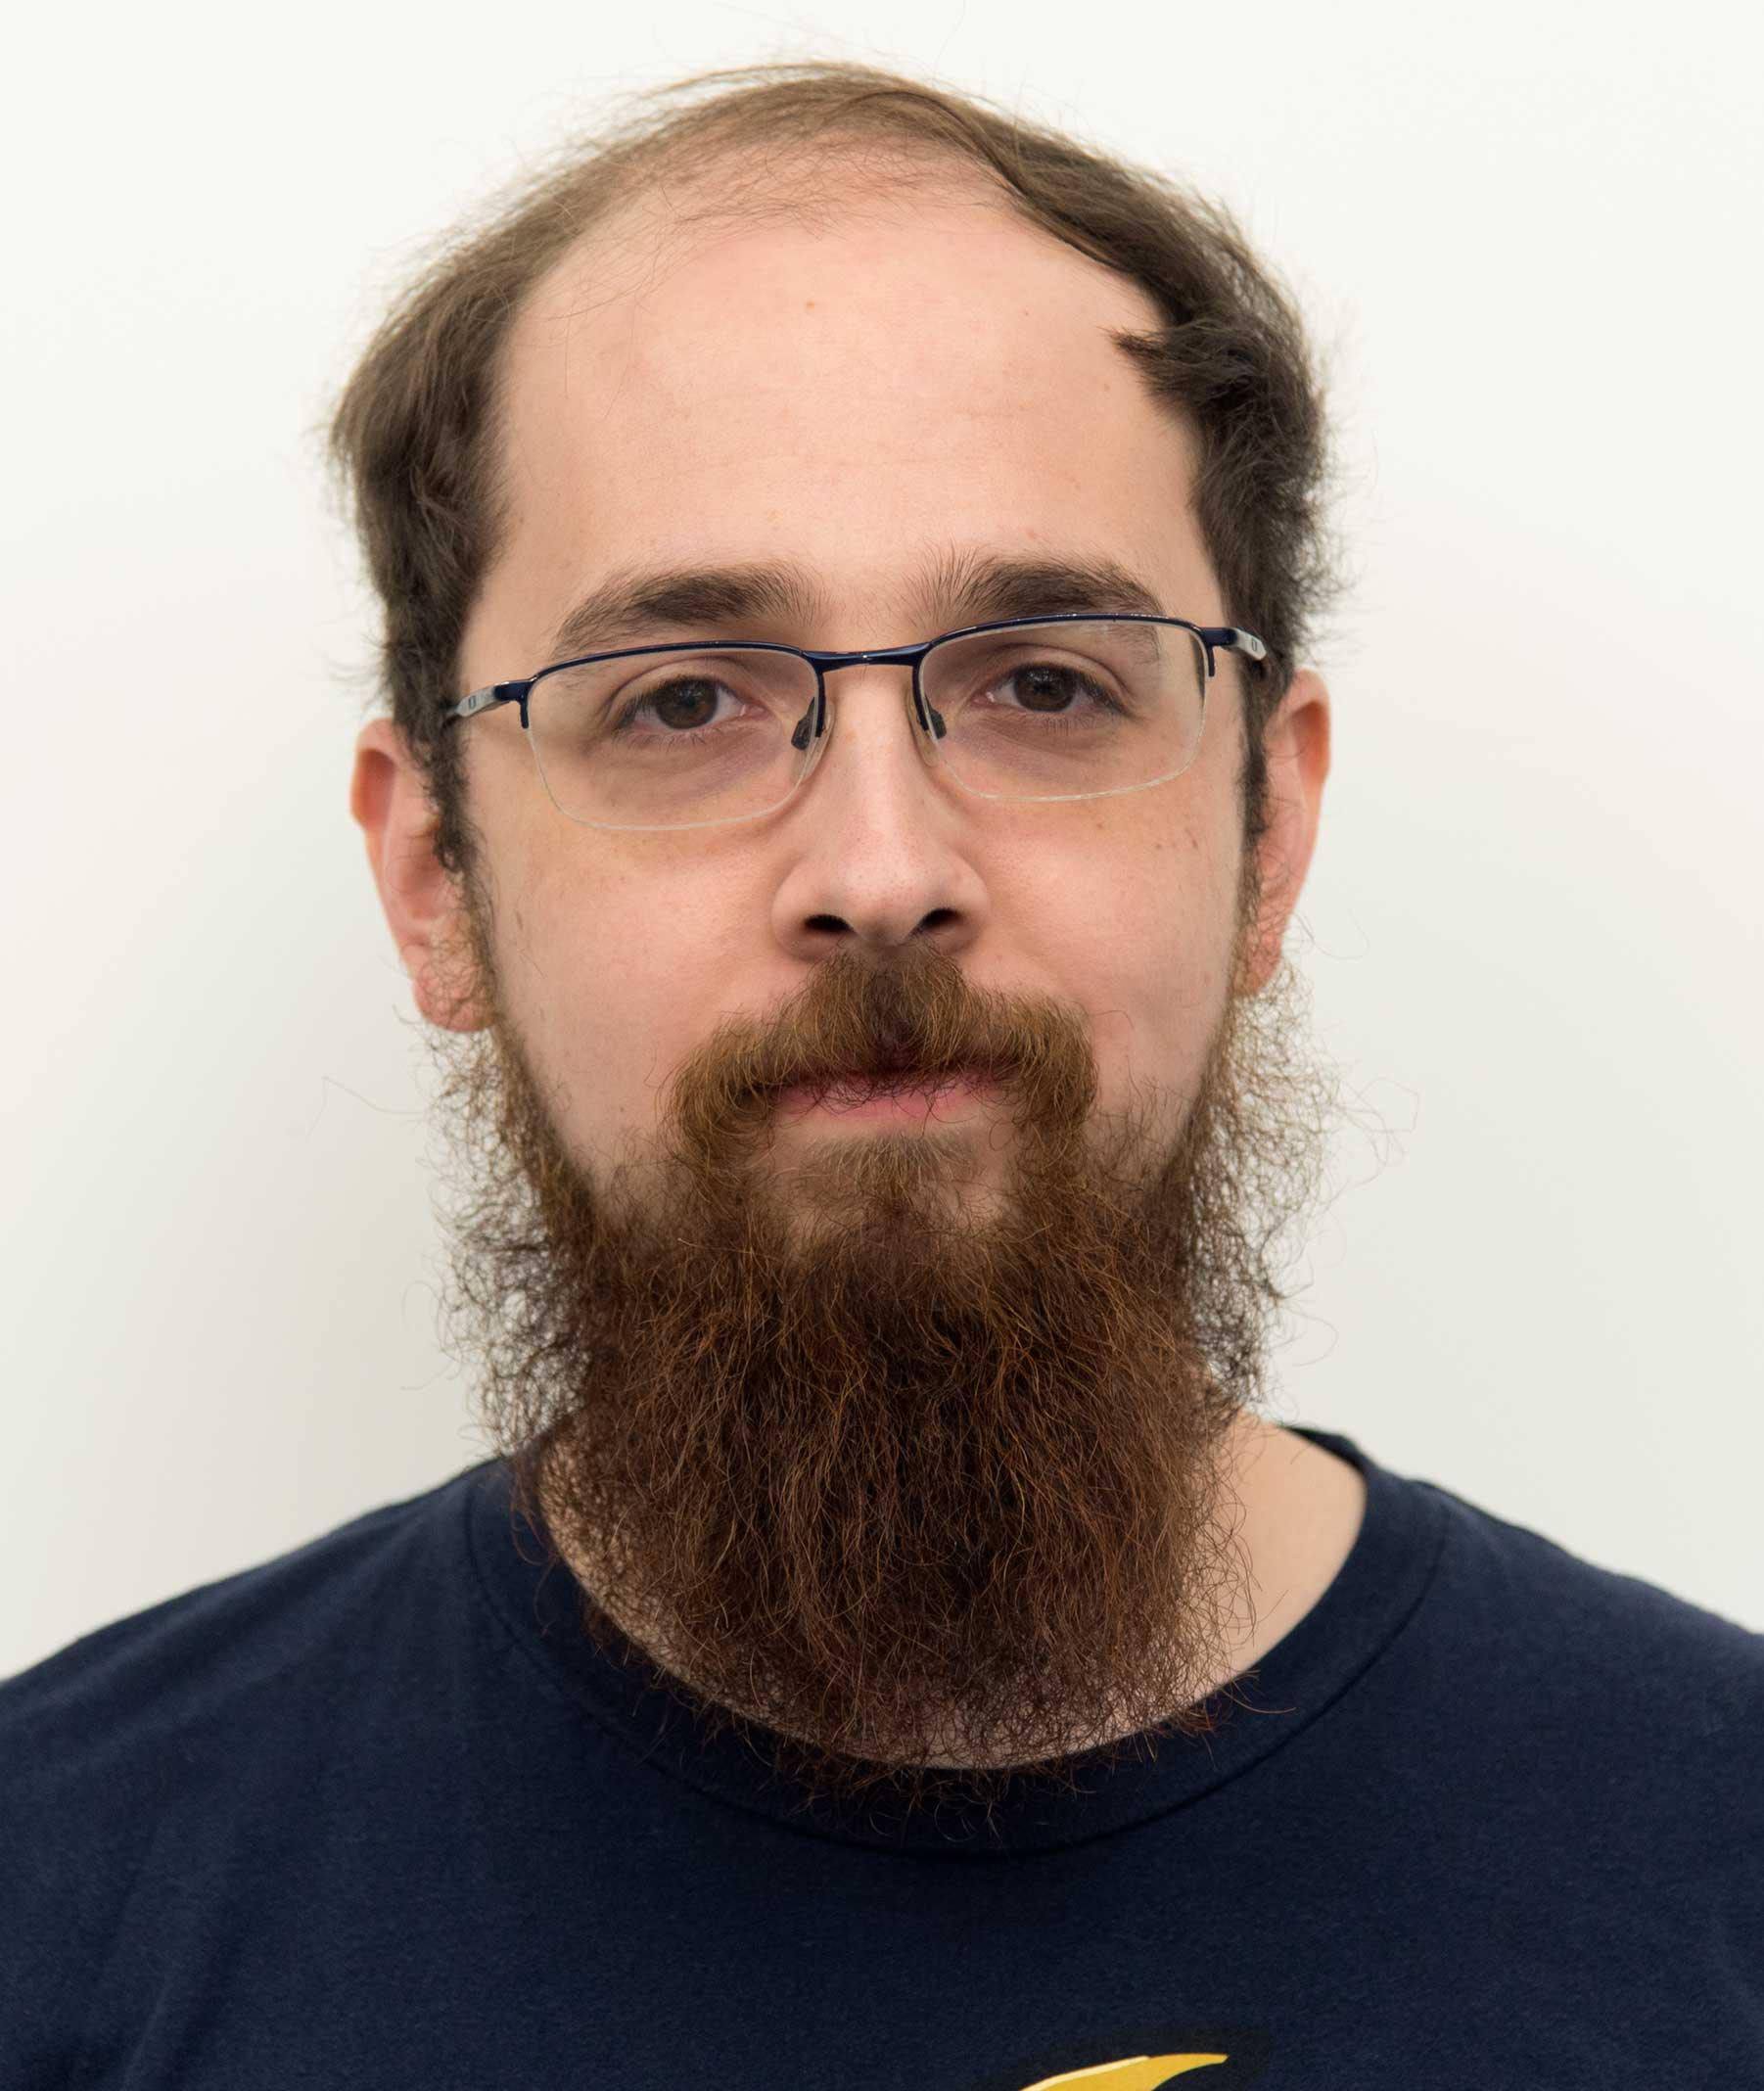 Photo of Jon Ellis, BTP Trainee